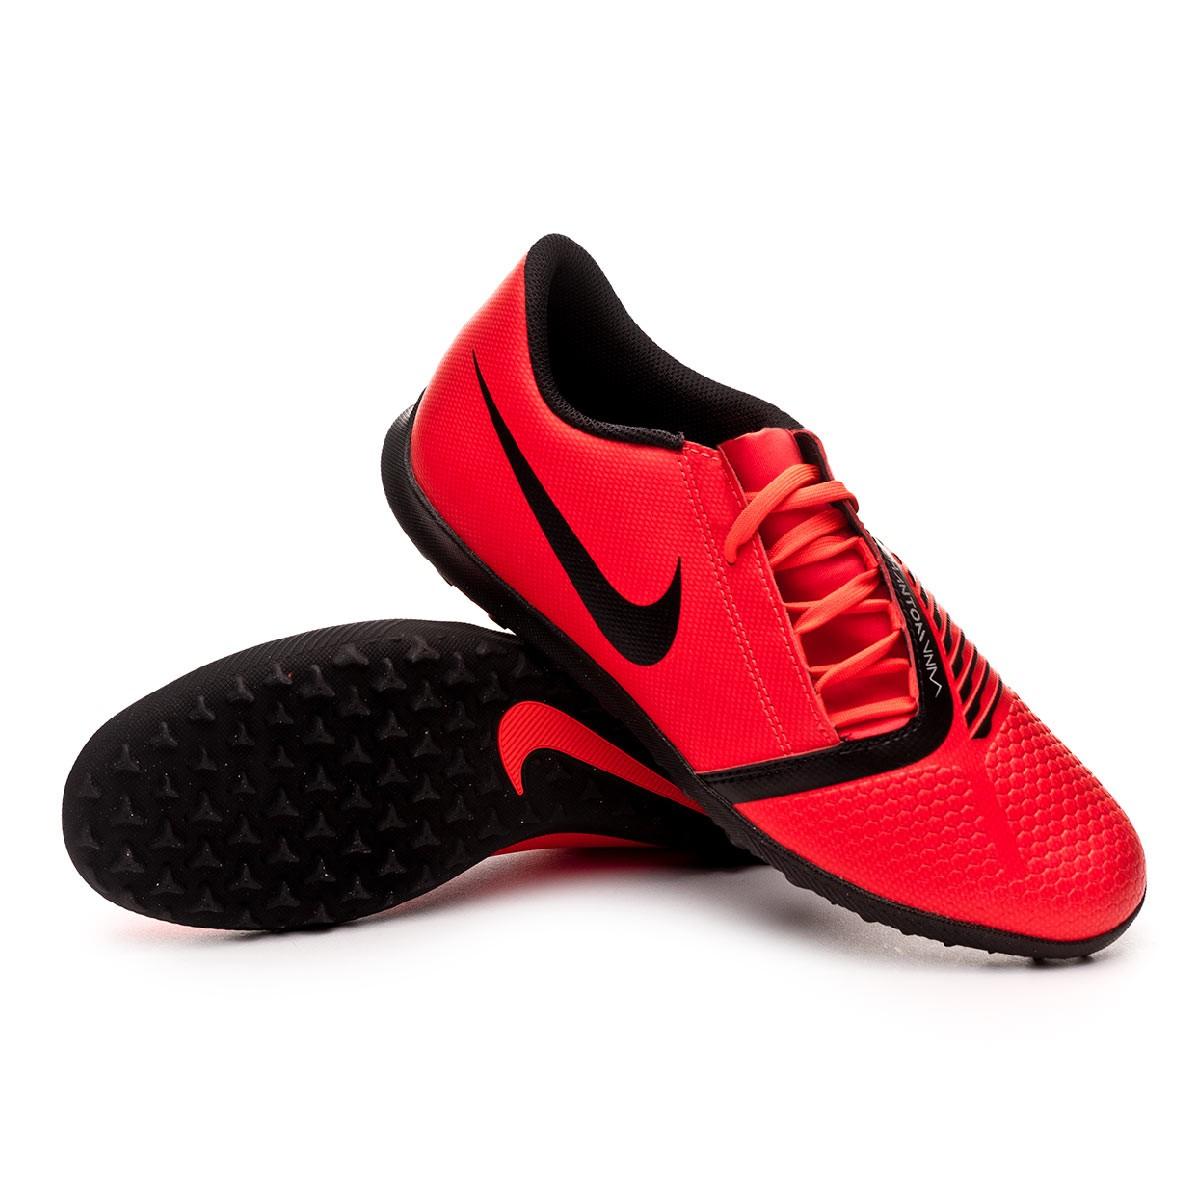 f5799945f8 Football Boot Nike Phantom Venom Club Turf Bright crimson-Black ...